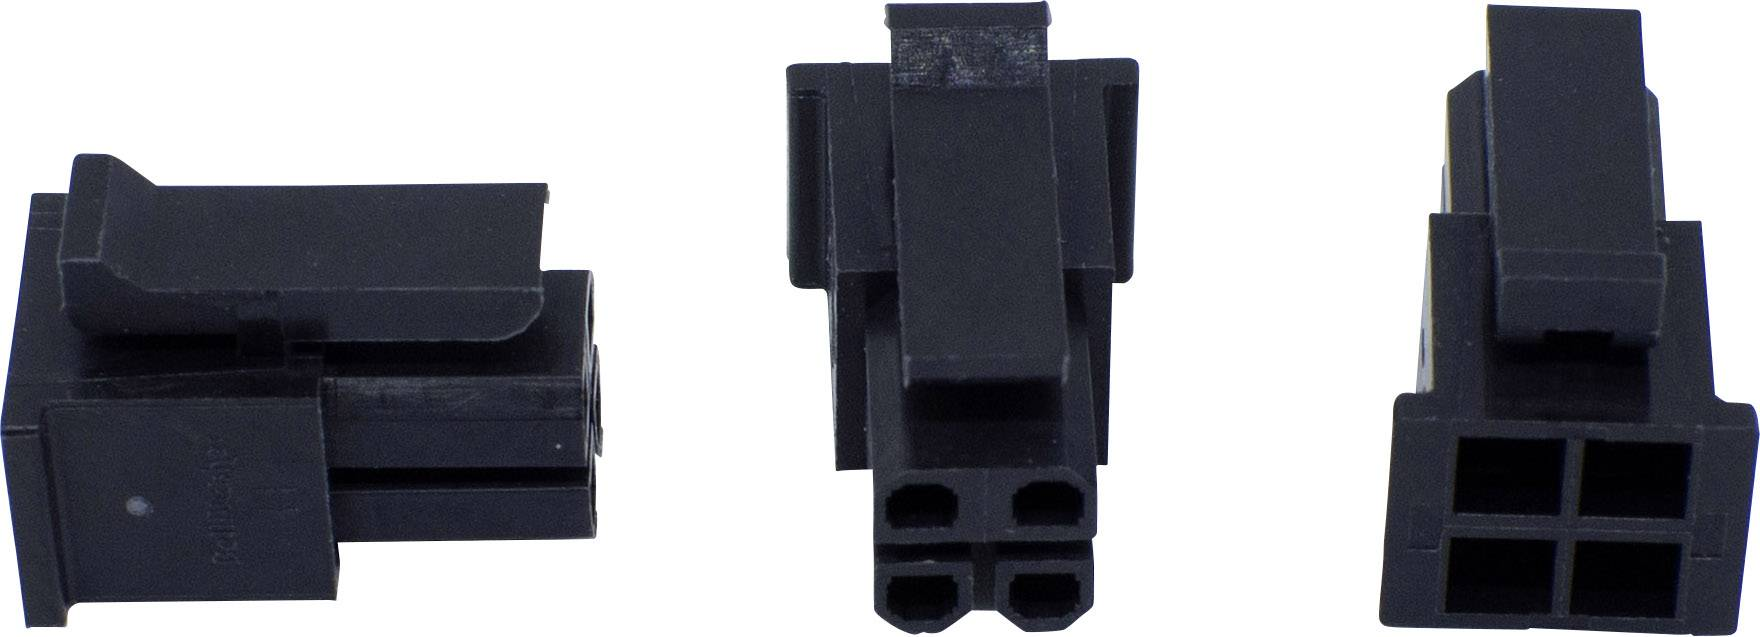 Zásuvkový konektor na kabel BellWether 70093-1800, pólů 18, rozteč 3 mm, 1 ks